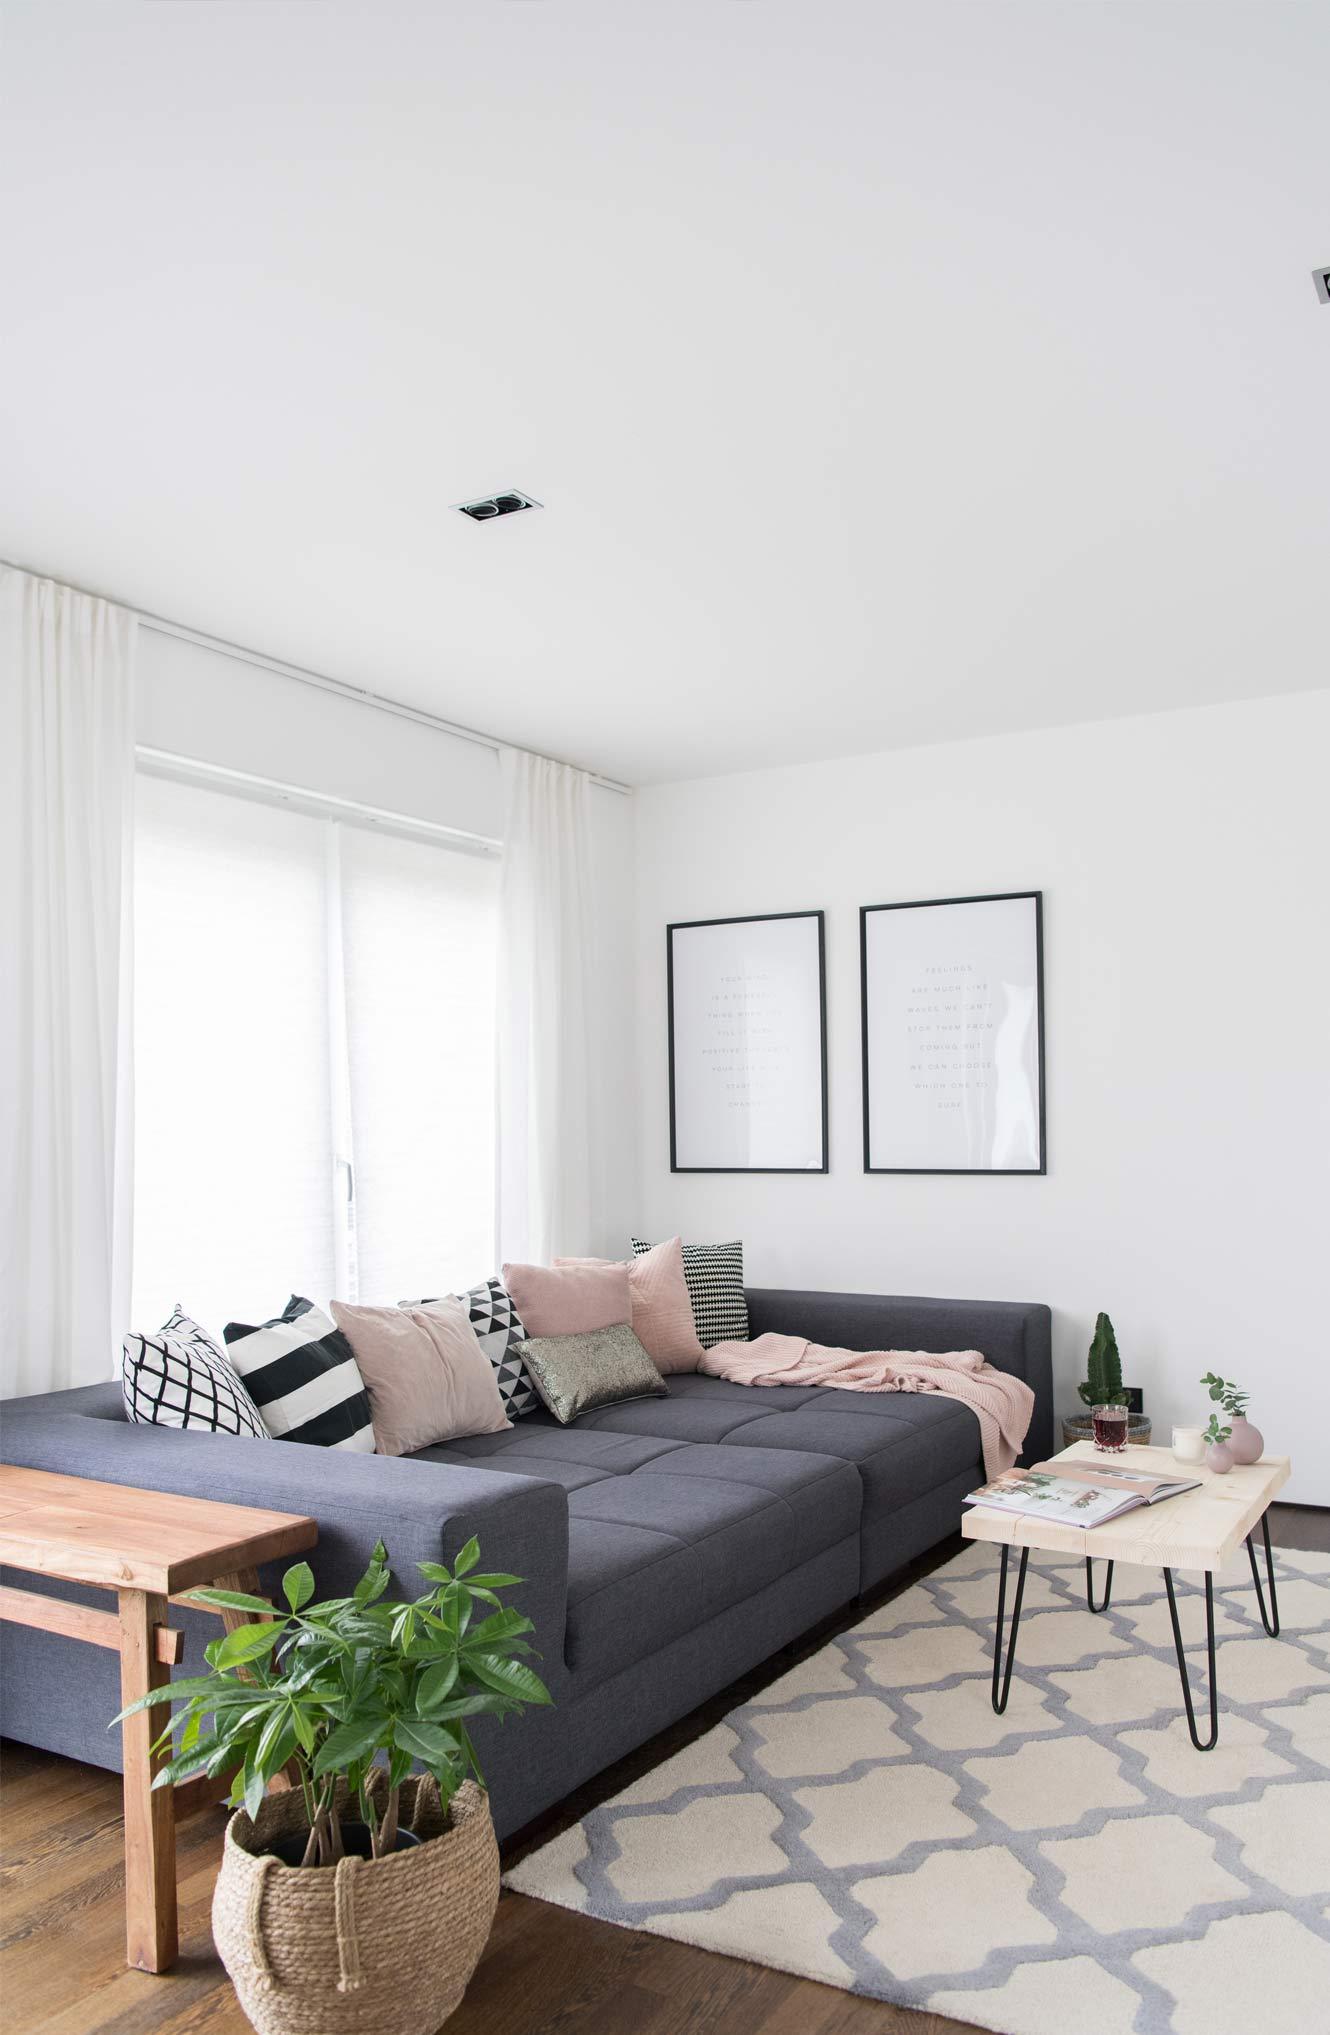 XL Sofa anthrazit Wohnzimmer Grünpflanzen